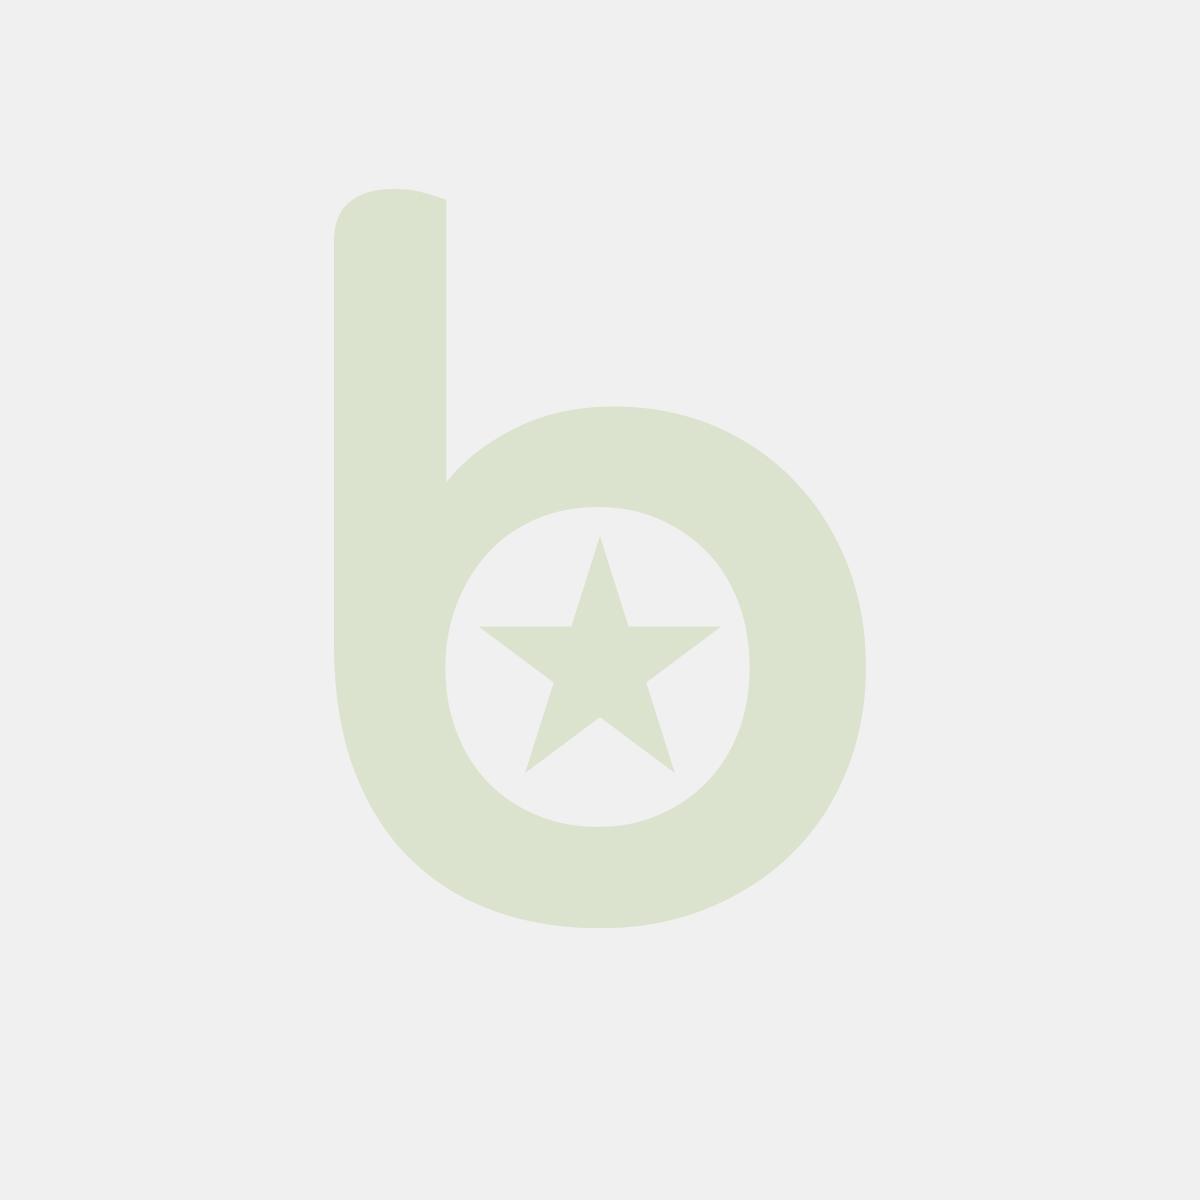 Pojemnik obiadowy do zgrzewu K 227/3, trójdzielny, transparent, 227x178x40, cena za opakowanie 50szt